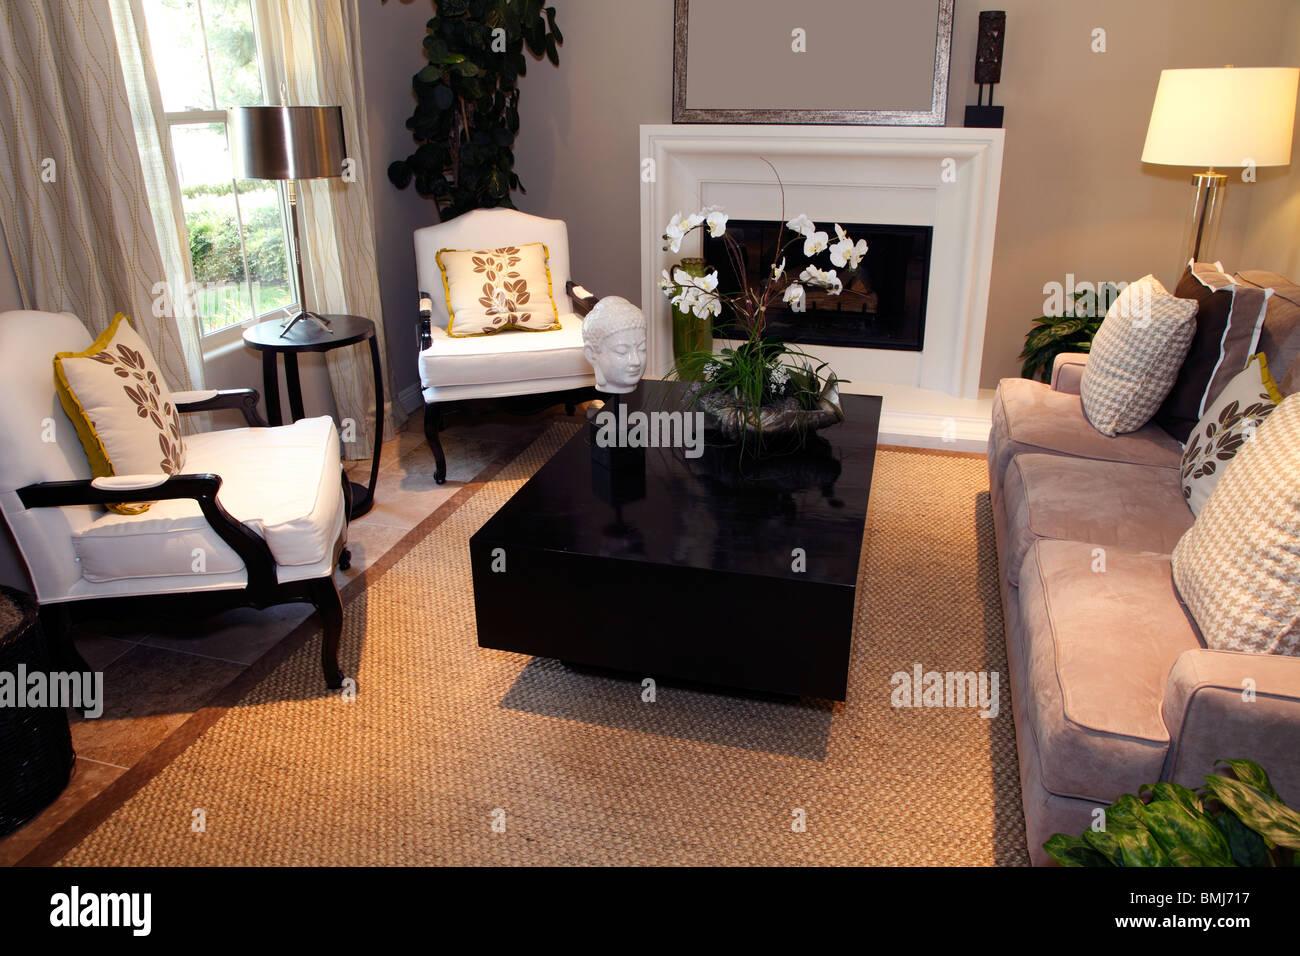 Luxus Wohnzimmer mit stilvollem Interieur Design. Stockbild